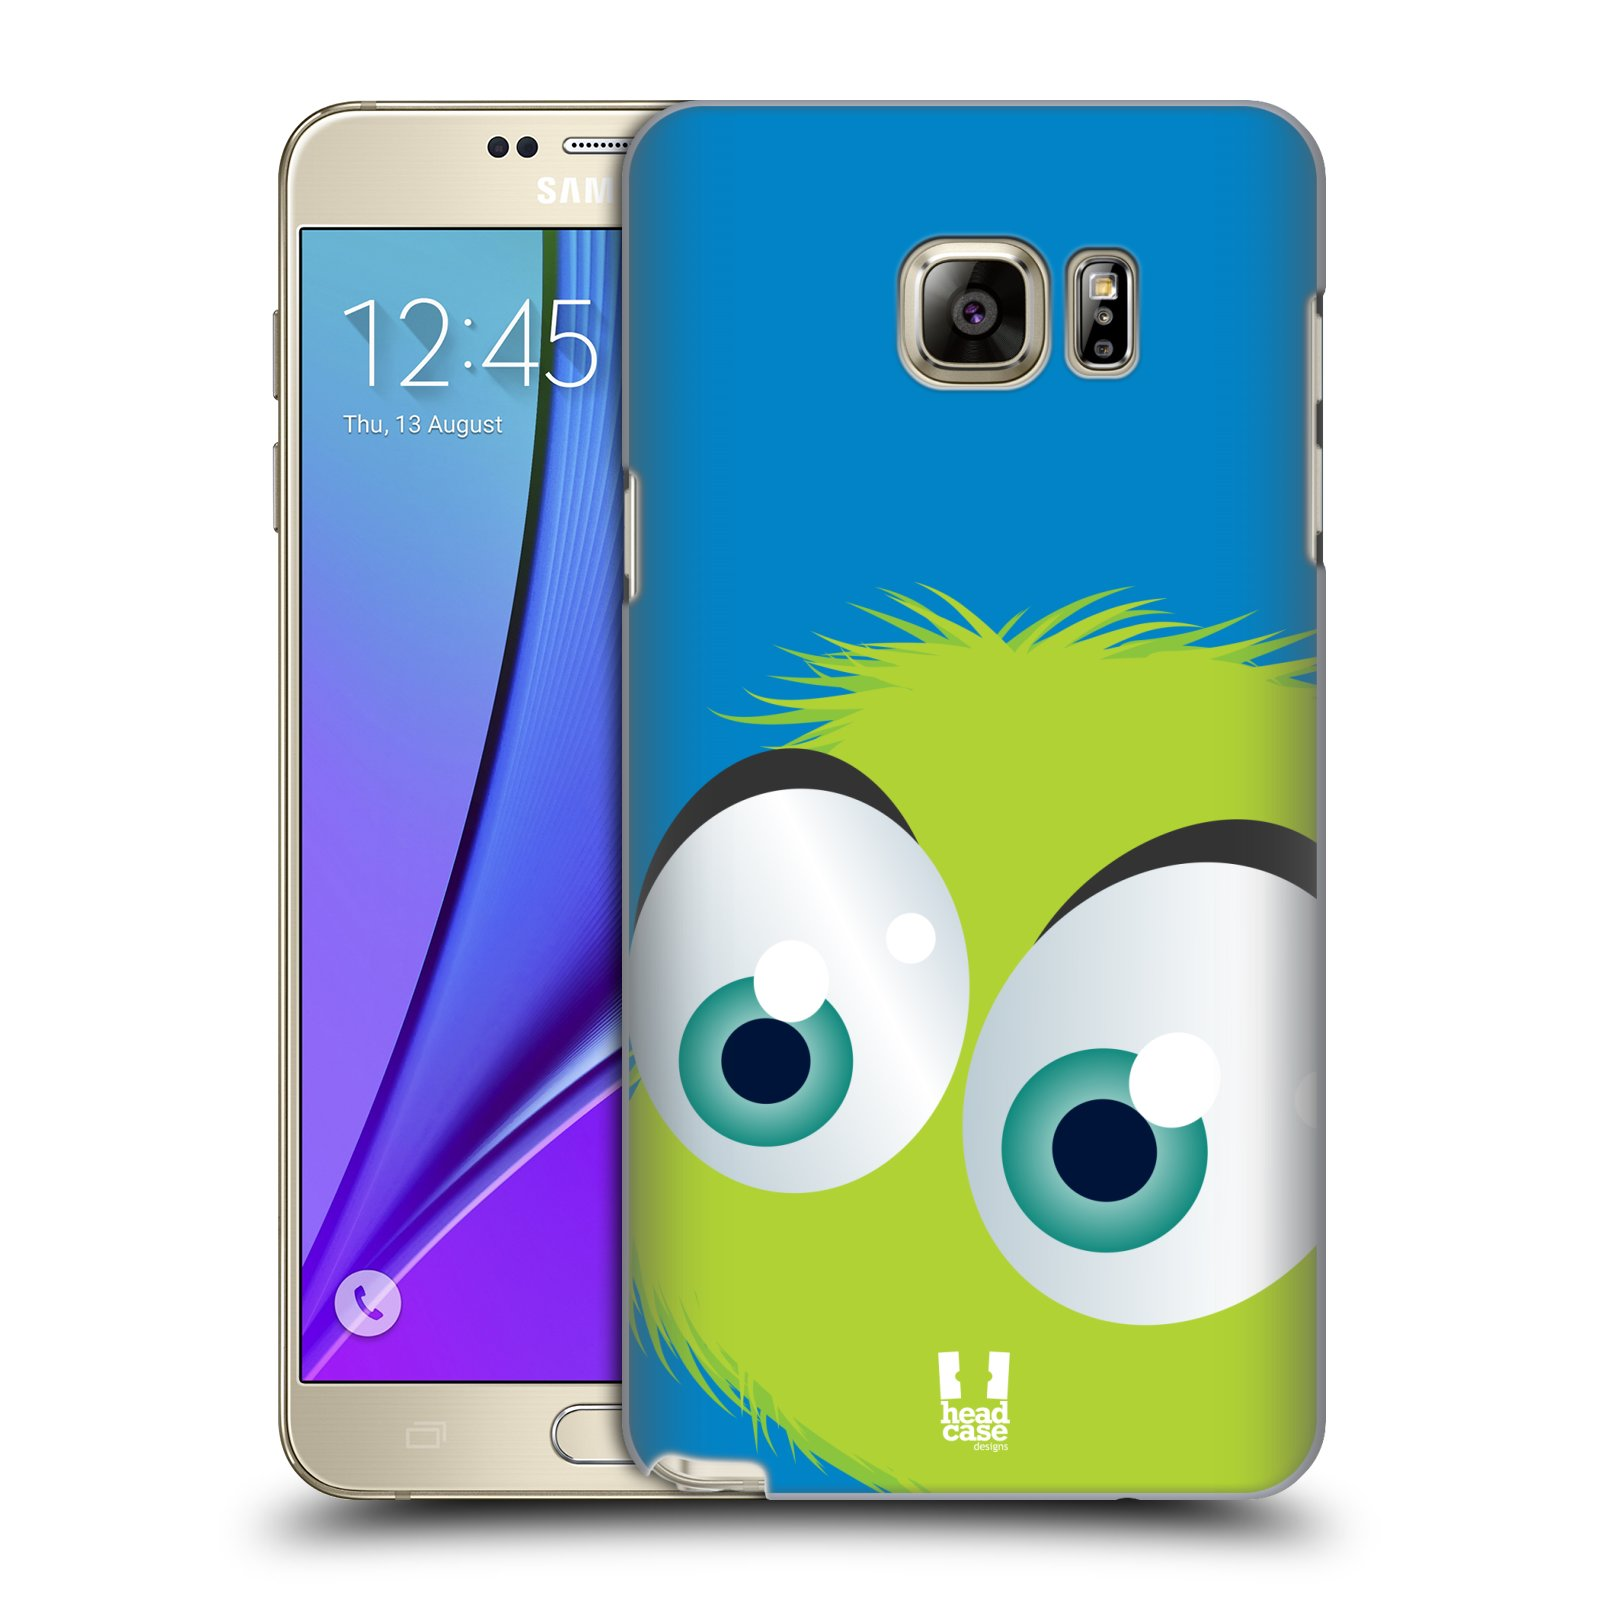 Plastové pouzdro na mobil Samsung Galaxy Note 5 HEAD CASE FUZÍK ZELENÝ (Kryt či obal na mobilní telefon Samsung Galaxy Note 5 SM-N920)